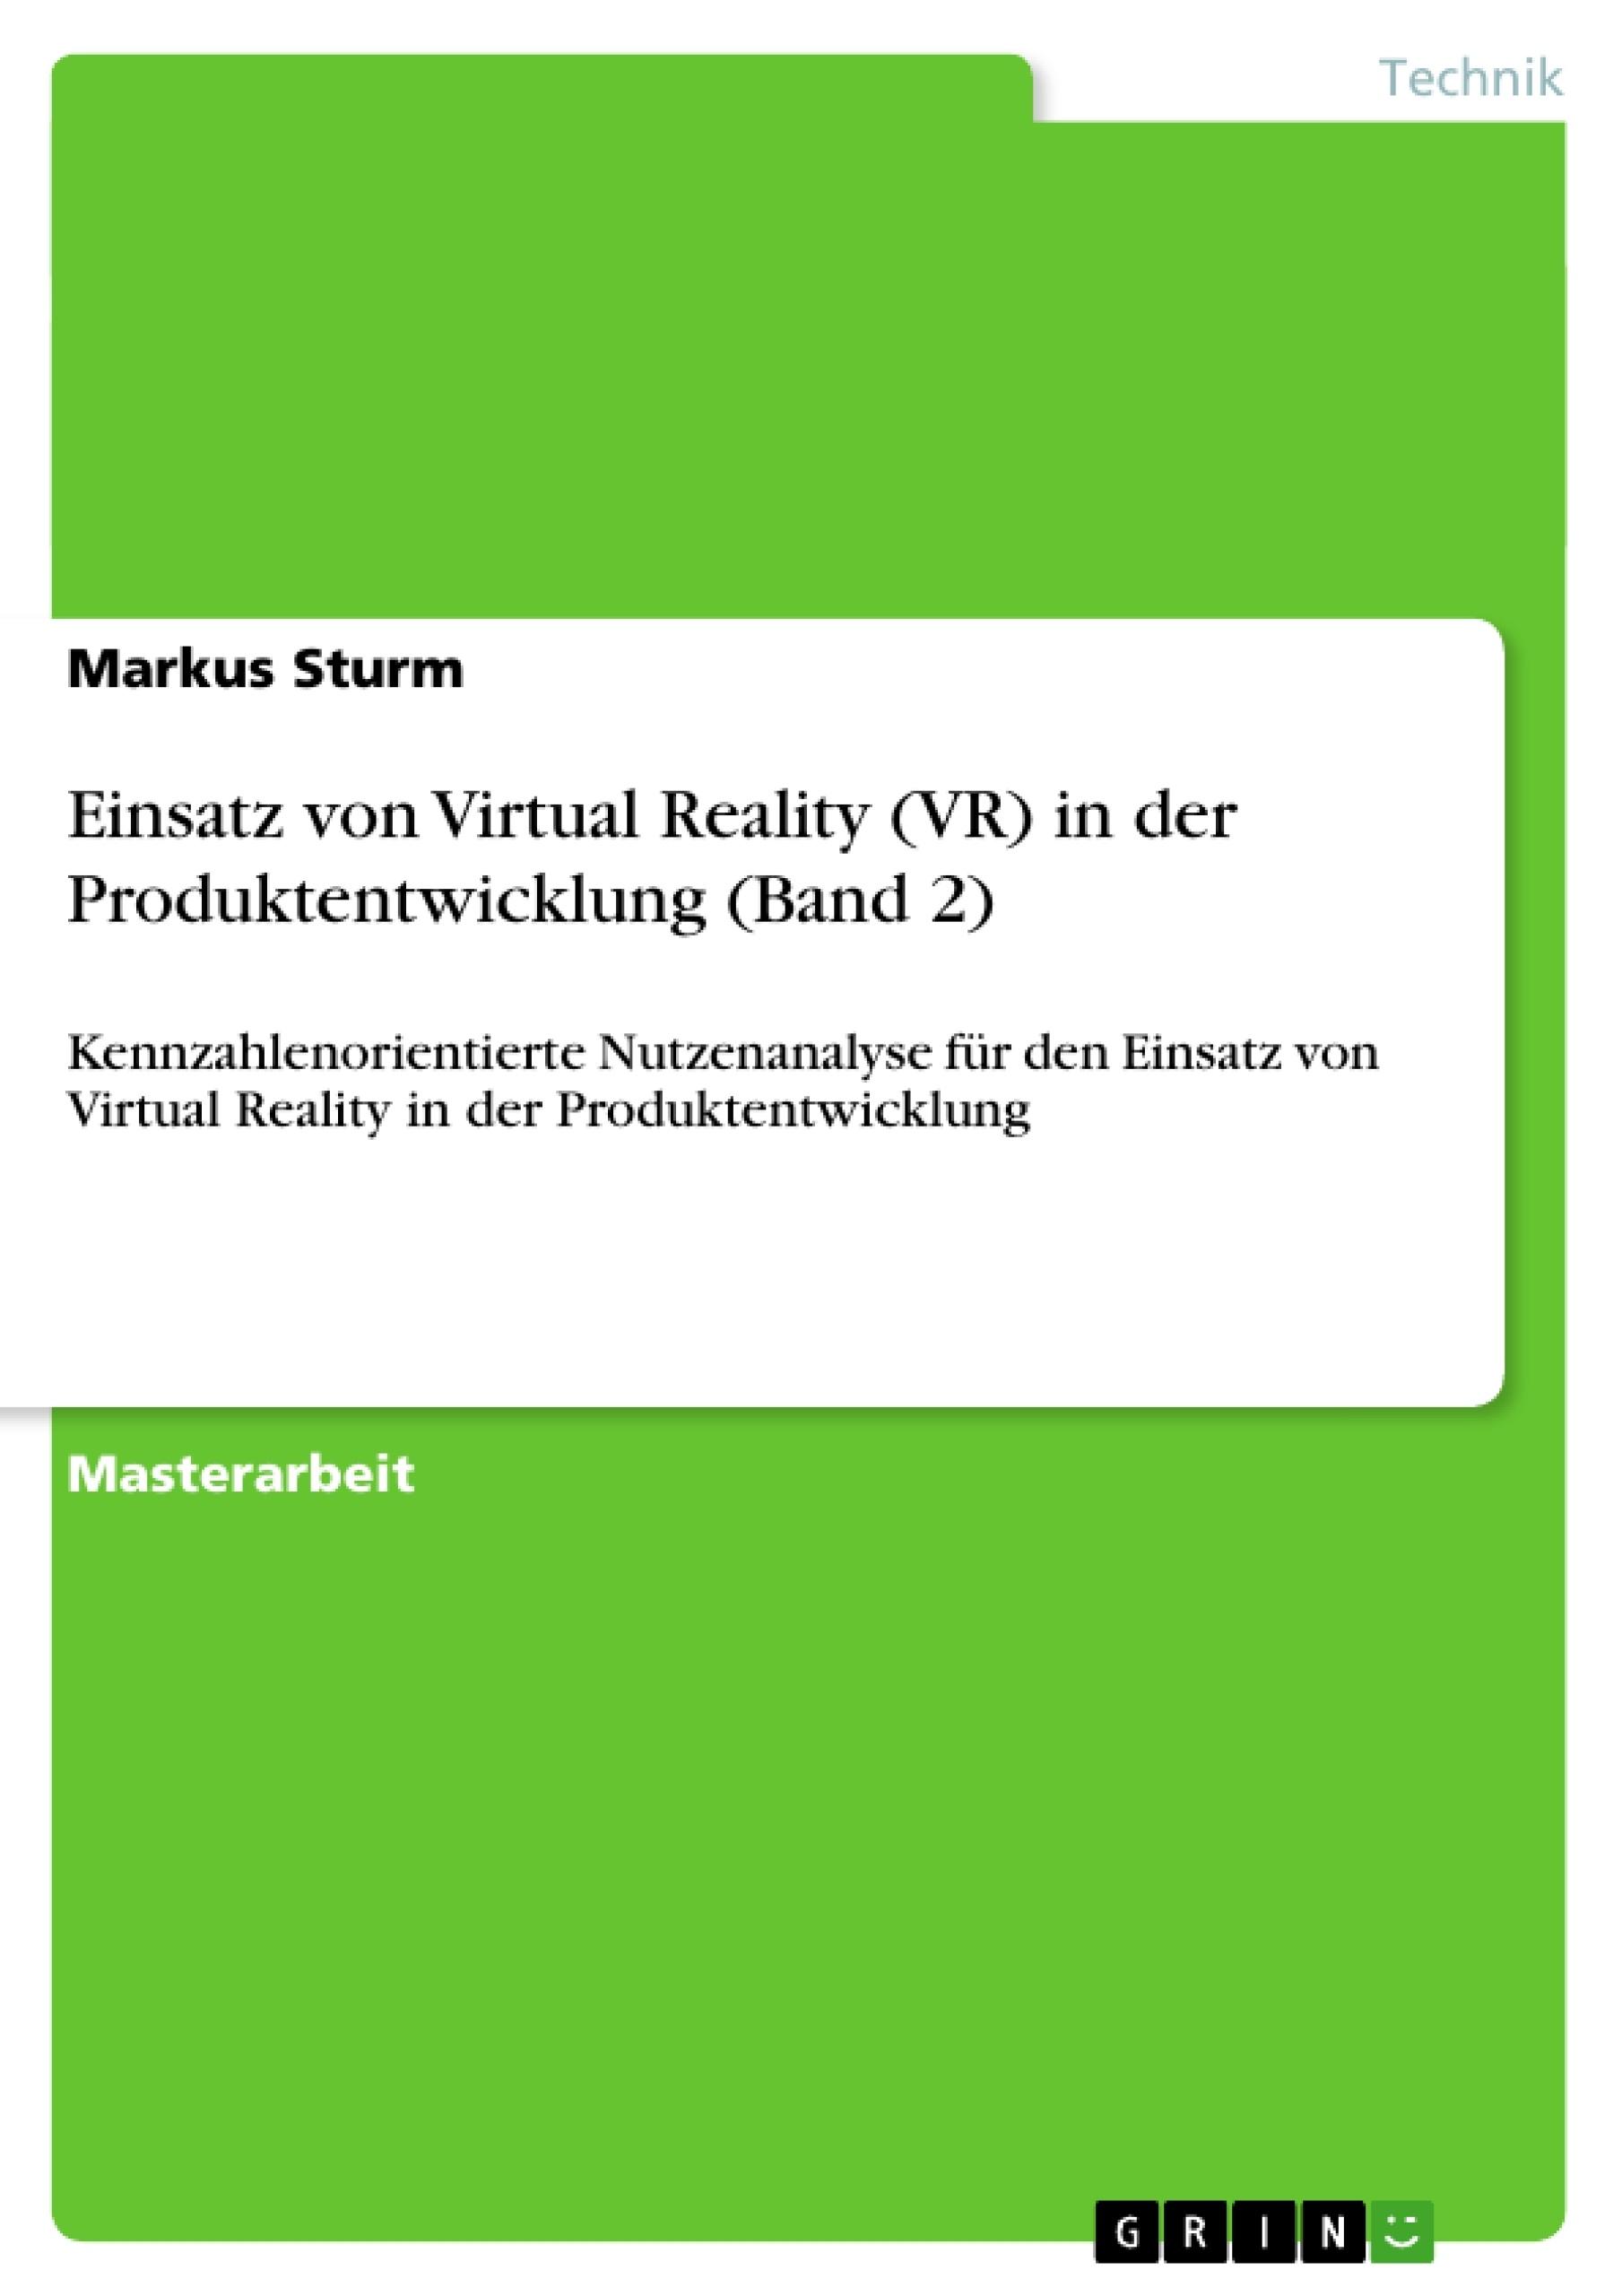 Titel: Einsatz von Virtual Reality (VR) in der Produktentwicklung (Band 2)